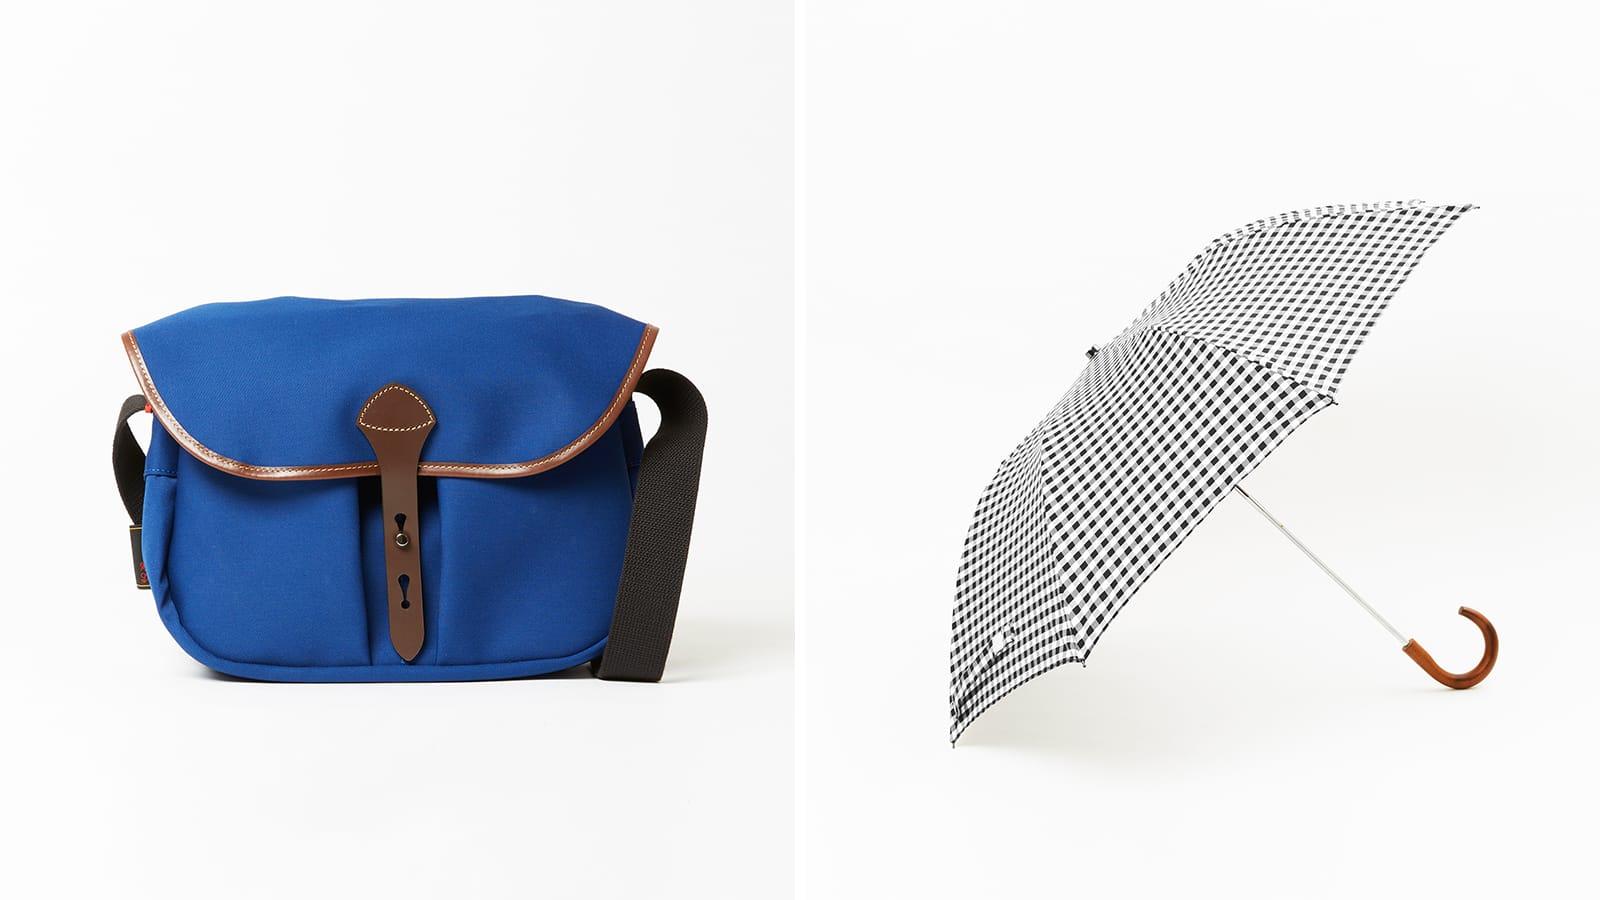 雨の季節にも活躍する機能的でエレガントな英国製バッグと傘をご紹介 Billingham, Fox Umbrellas